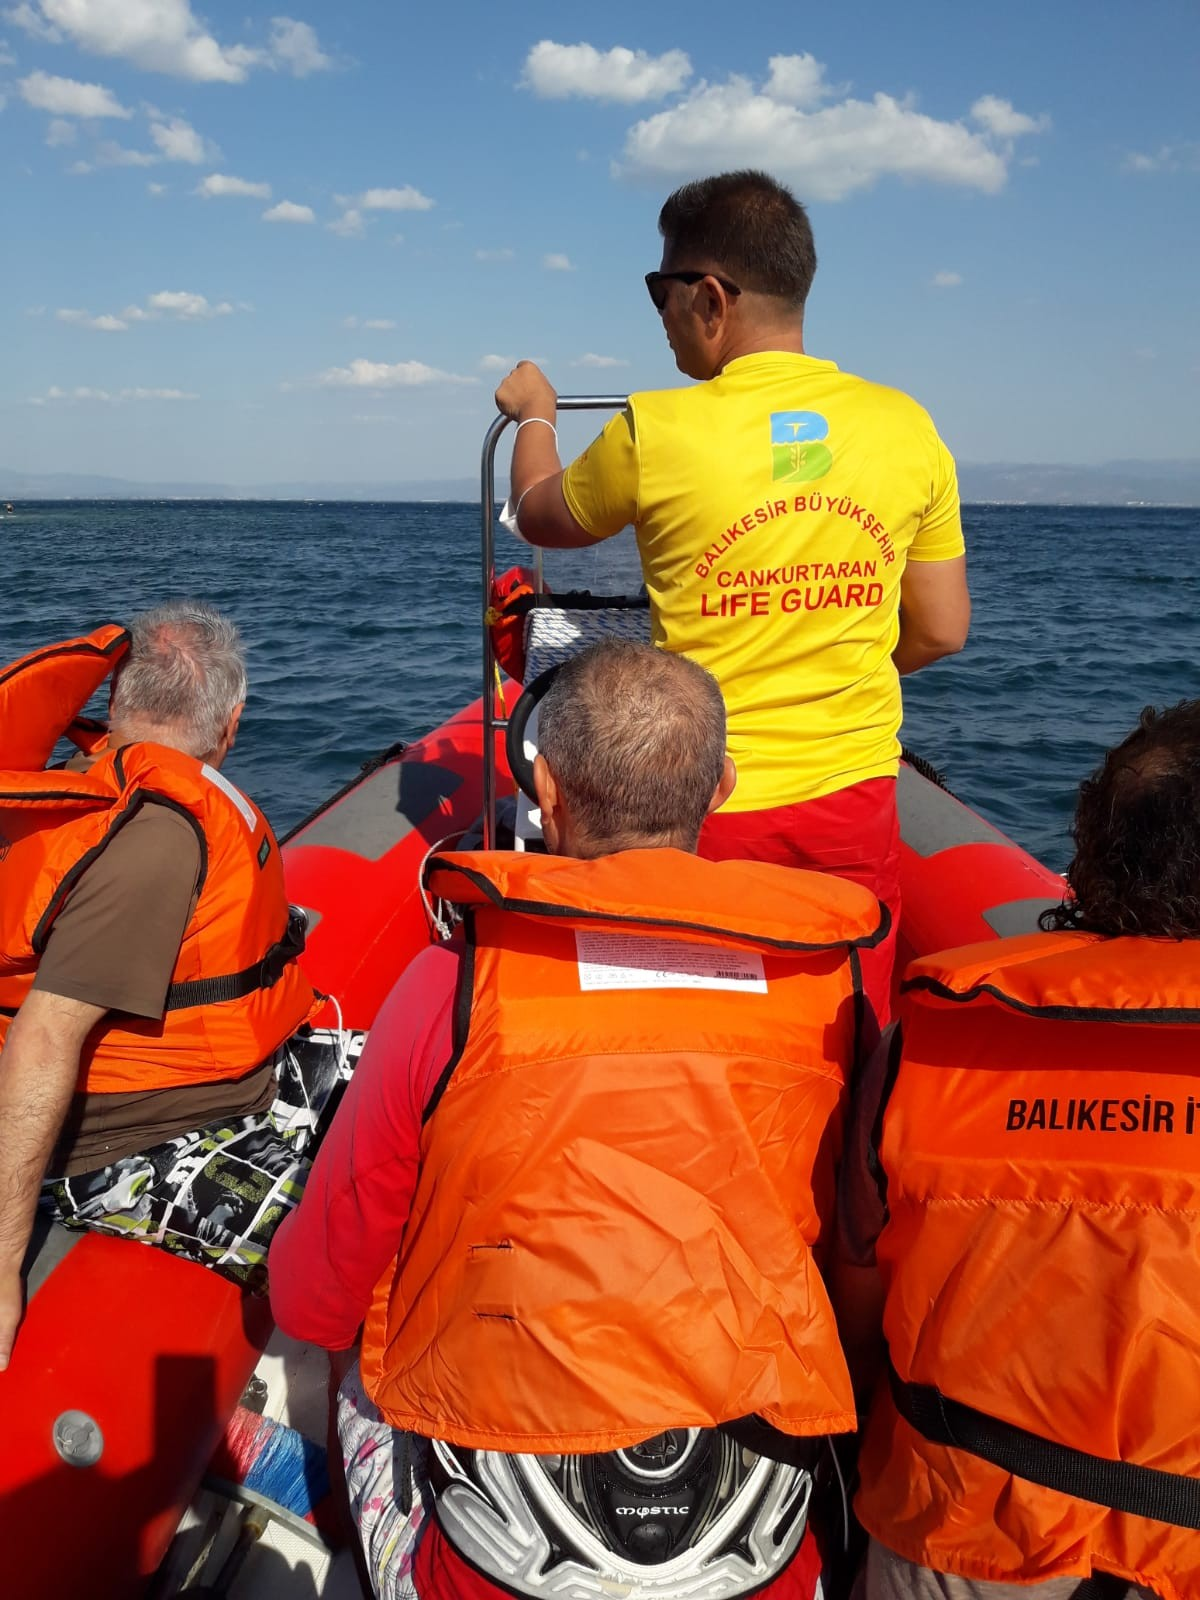 Balıkesir de cankurtaranlar 4 kişiyi kurtardı #2